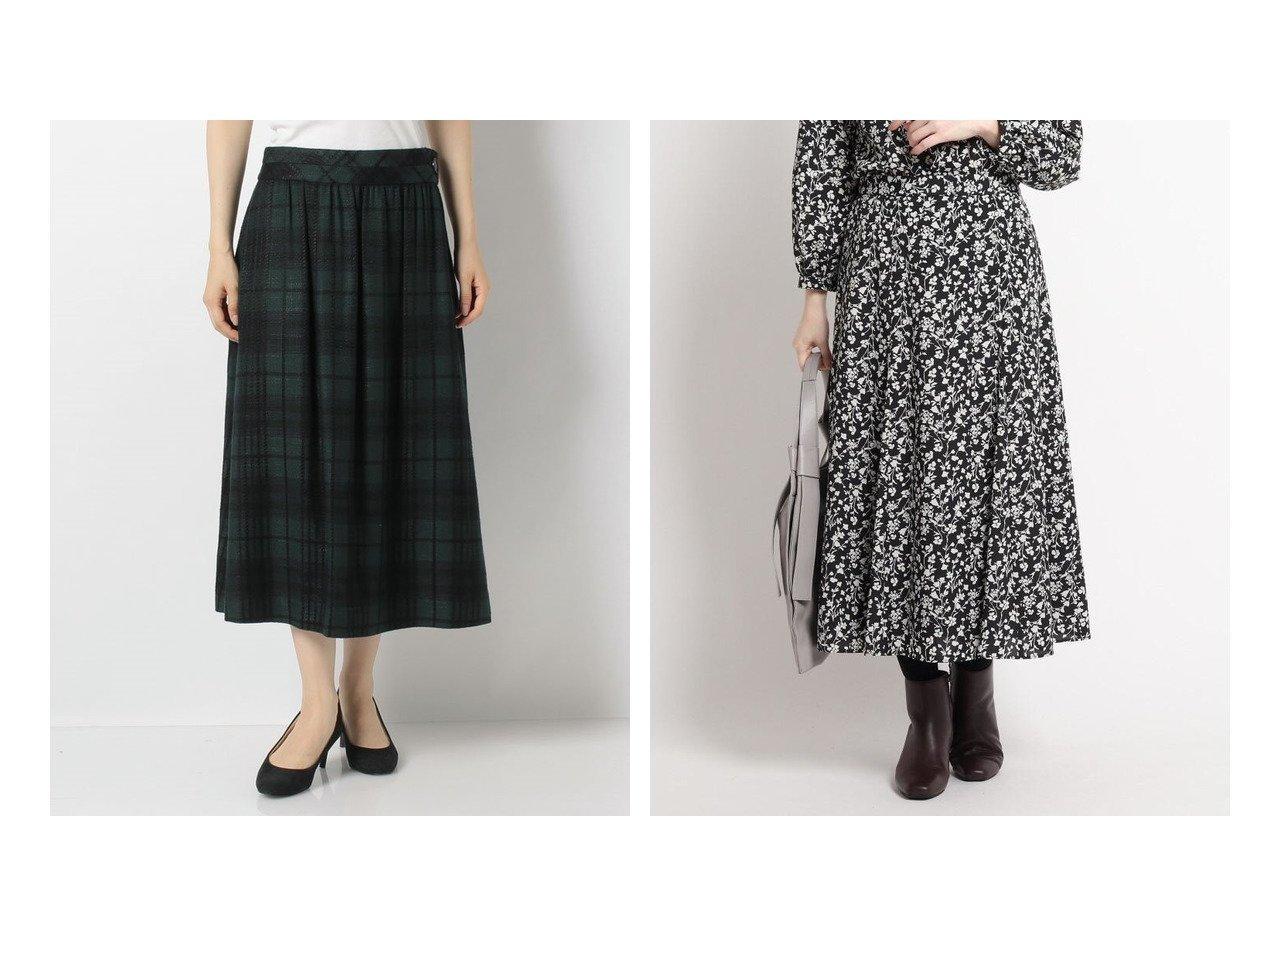 【OLD ENGLAND/オールド イングランド】のウールレーヨンツィードスカート&【Reflect/リフレクト】のアンティークフラワースカート スカートのおすすめ!人気、レディースファッションの通販  おすすめで人気のファッション通販商品 インテリア・家具・キッズファッション・メンズファッション・レディースファッション・服の通販 founy(ファニー) https://founy.com/ ファッション Fashion レディース WOMEN スカート Skirt Aライン/フレアスカート Flared A-Line Skirts ギャザー ツイード ファブリック フレア クラシカル プリント ロング |ID:crp329100000004053